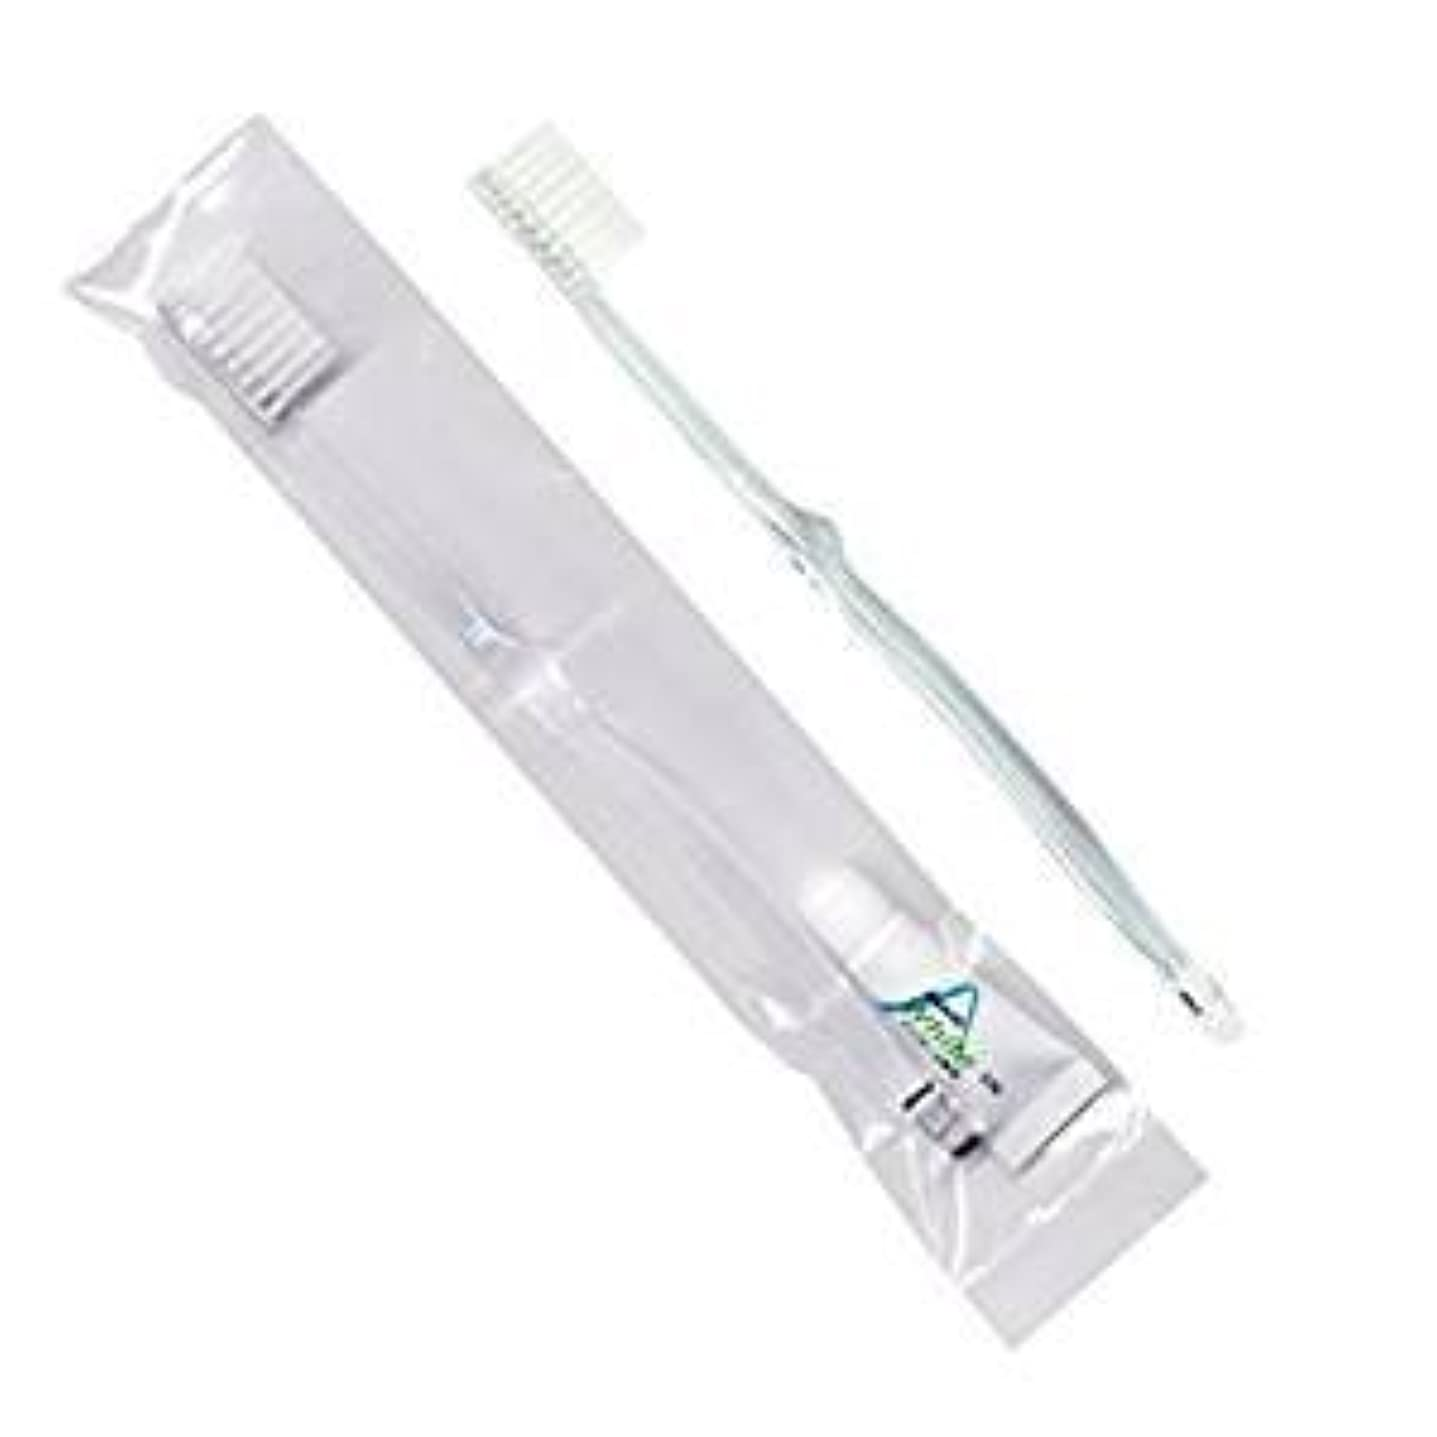 すごい力強いミスホテル業務用歯ブラシ28穴(クリア)3.5gチューブ OP袋Sタイプ 50本